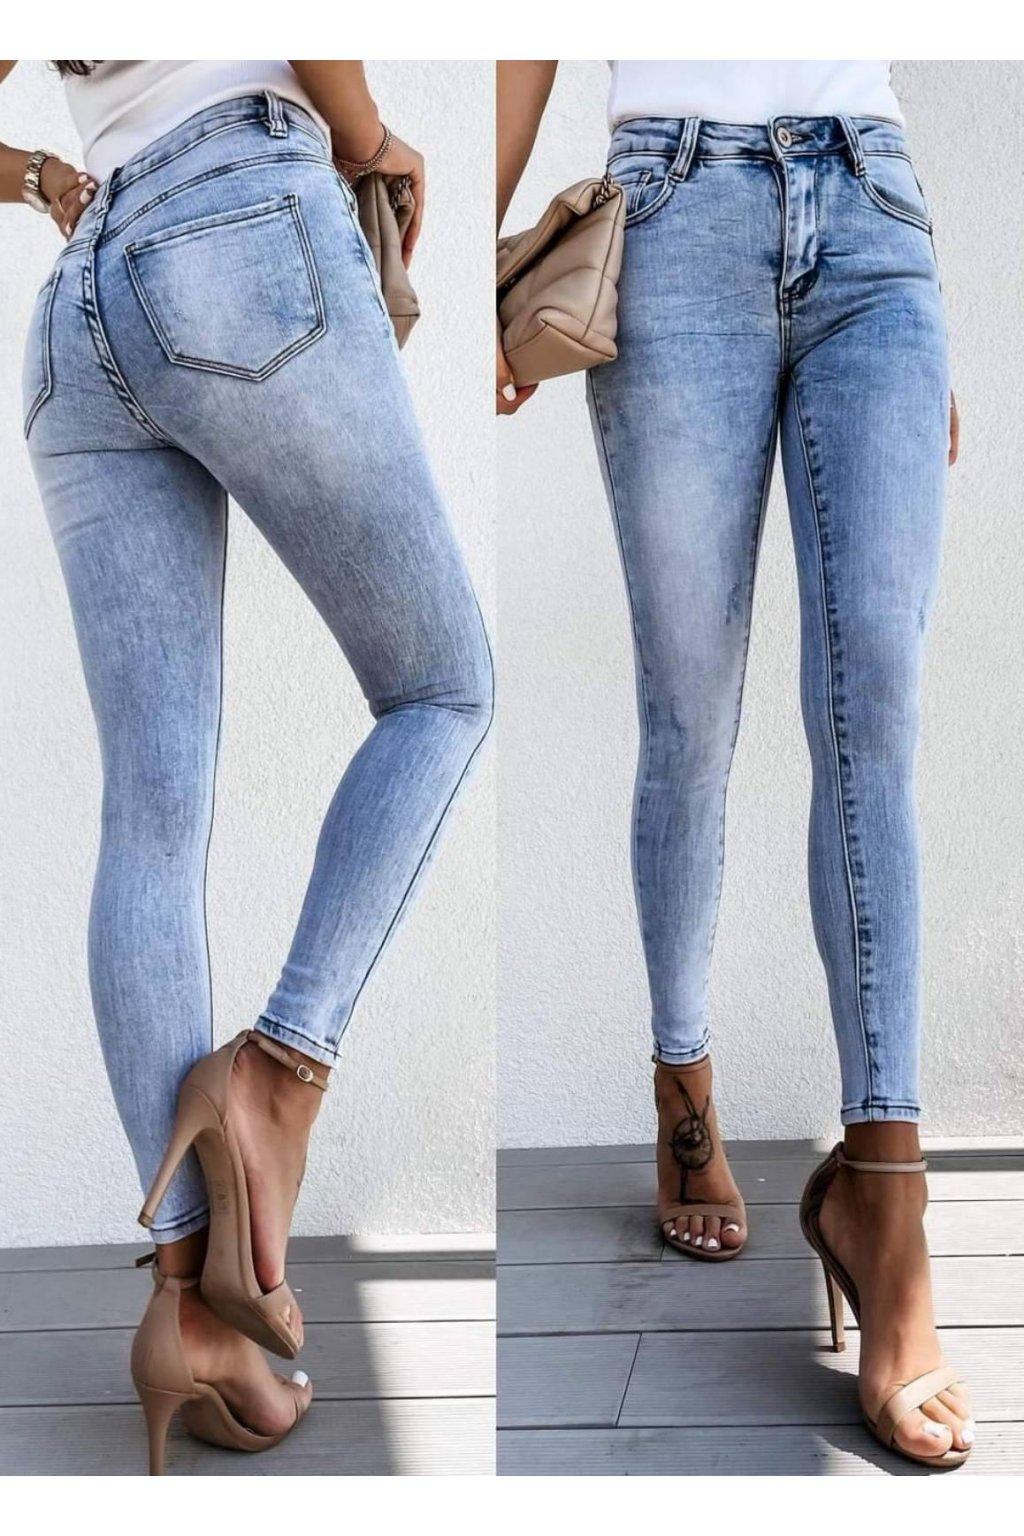 jeans modré světle trendy strechové elastické